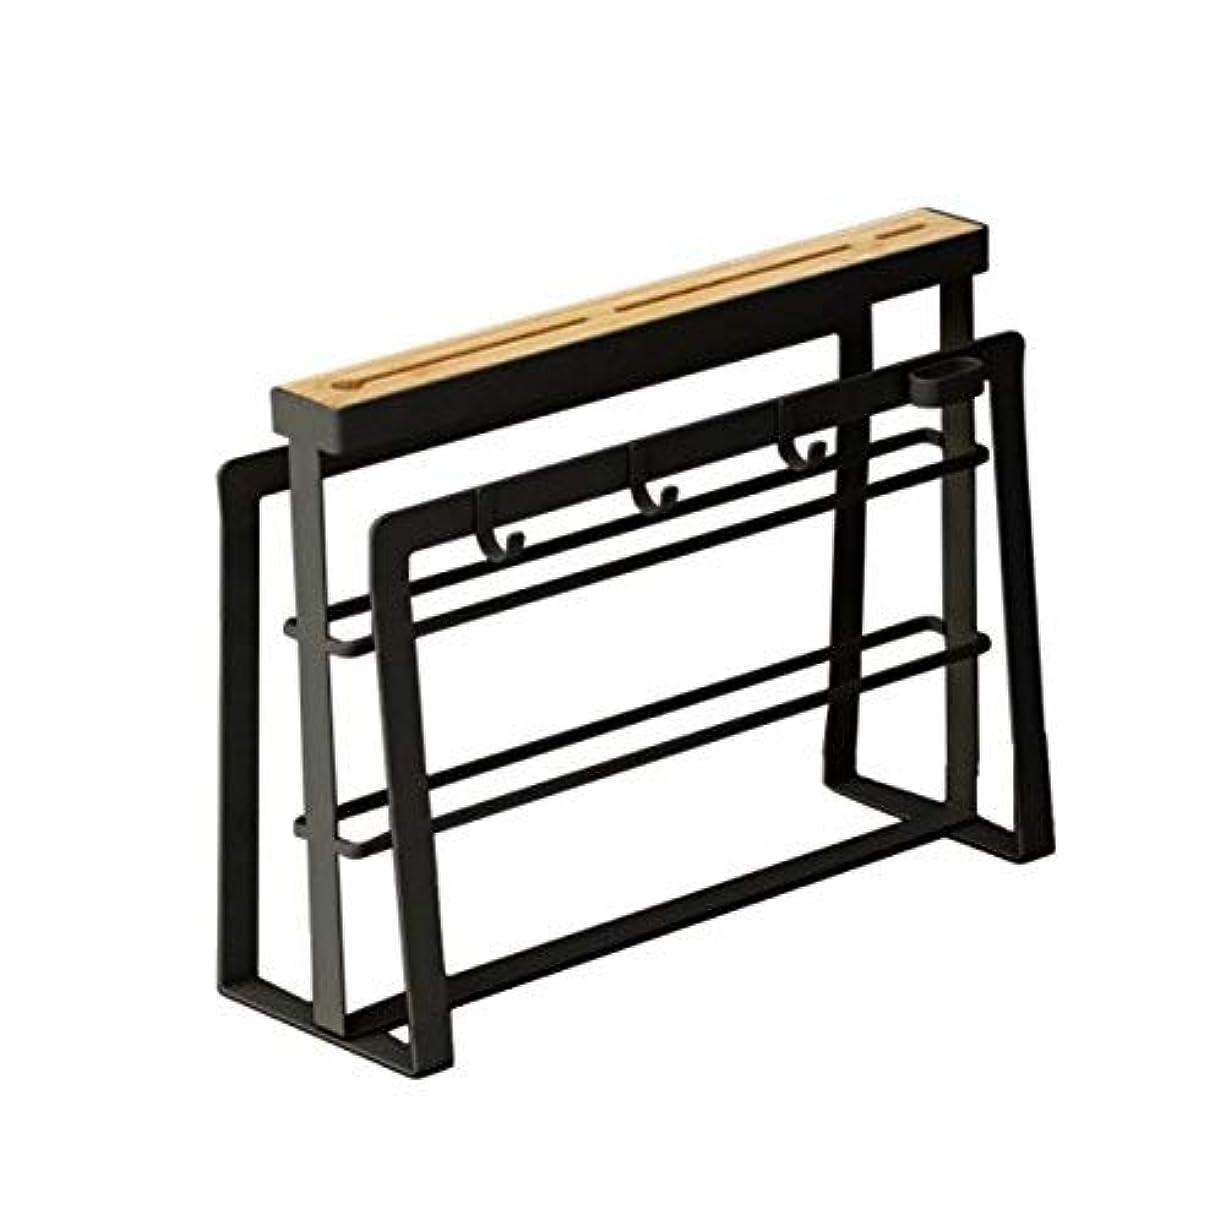 昼間クレタ設置包丁&まな板スタンド まな板立て キッチン用品ラック 収納 鍋蓋 立て コンパクト 収納 ホルダー キッチン ツールスタンドまな板 水切りラック